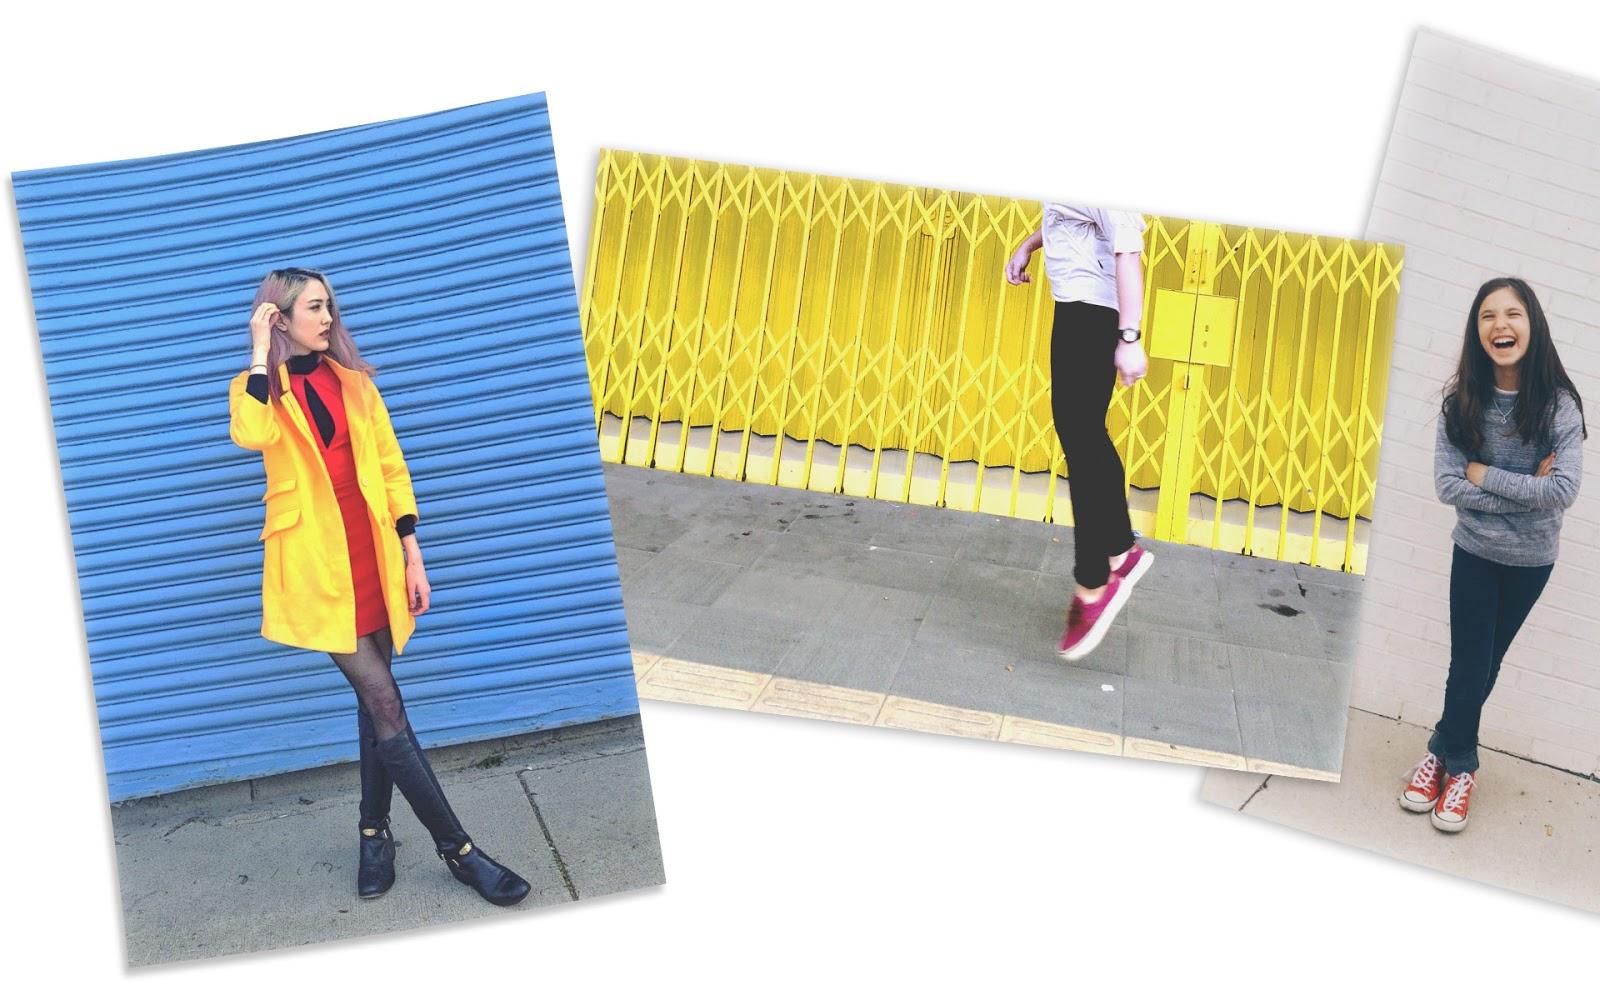 Примеры снимков на Kodak Printomatic